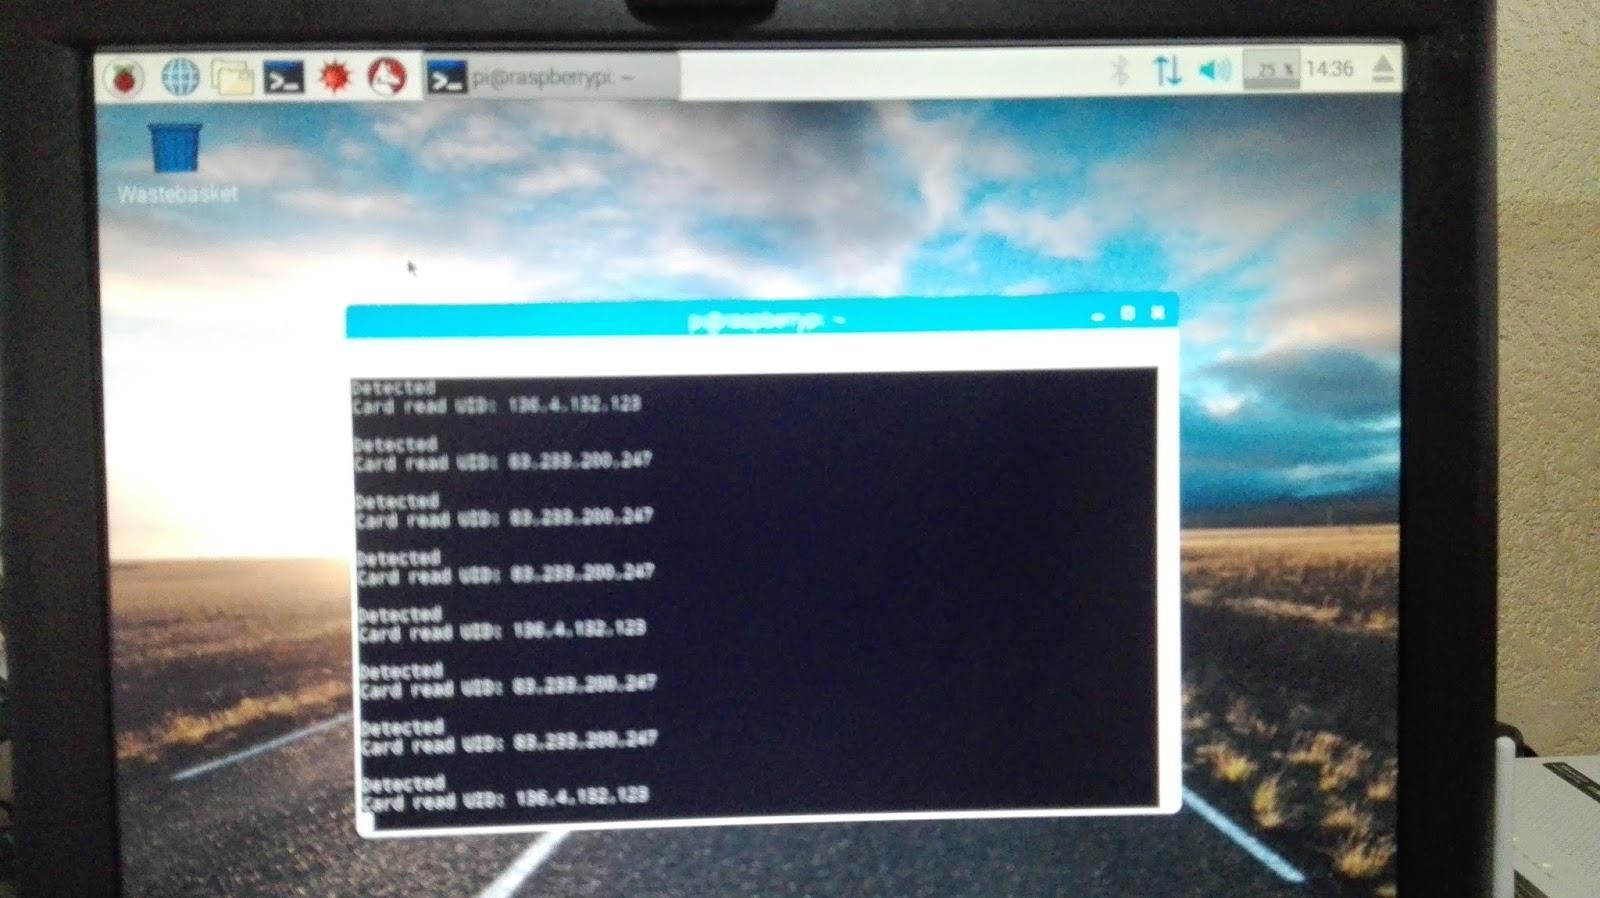 Lectura de Datos Modulo Rfid Rc522 y Raspberry pi 2